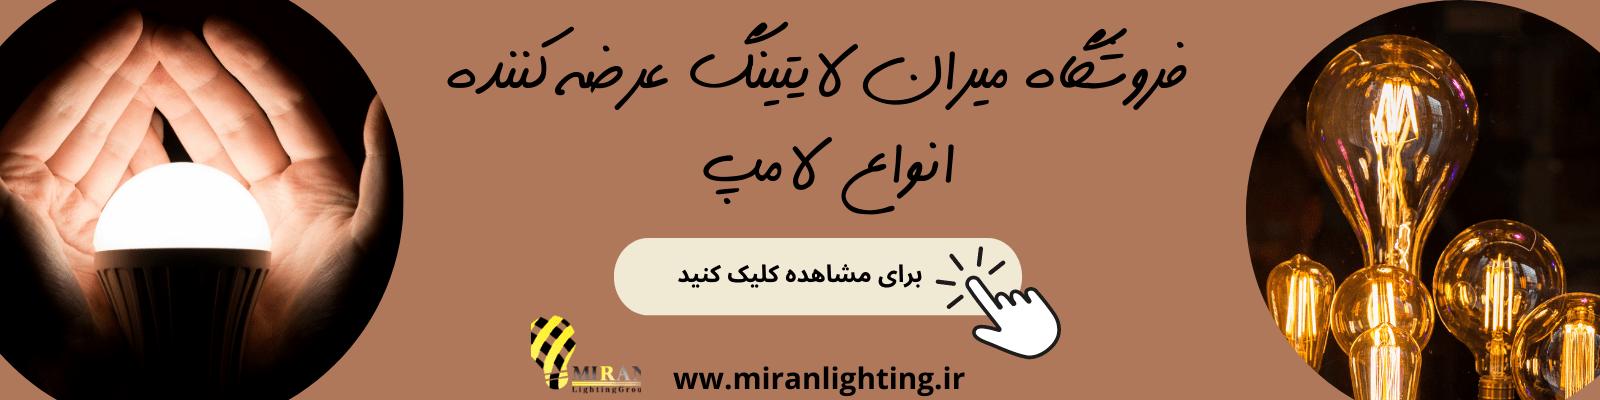 لامپ روشنایی